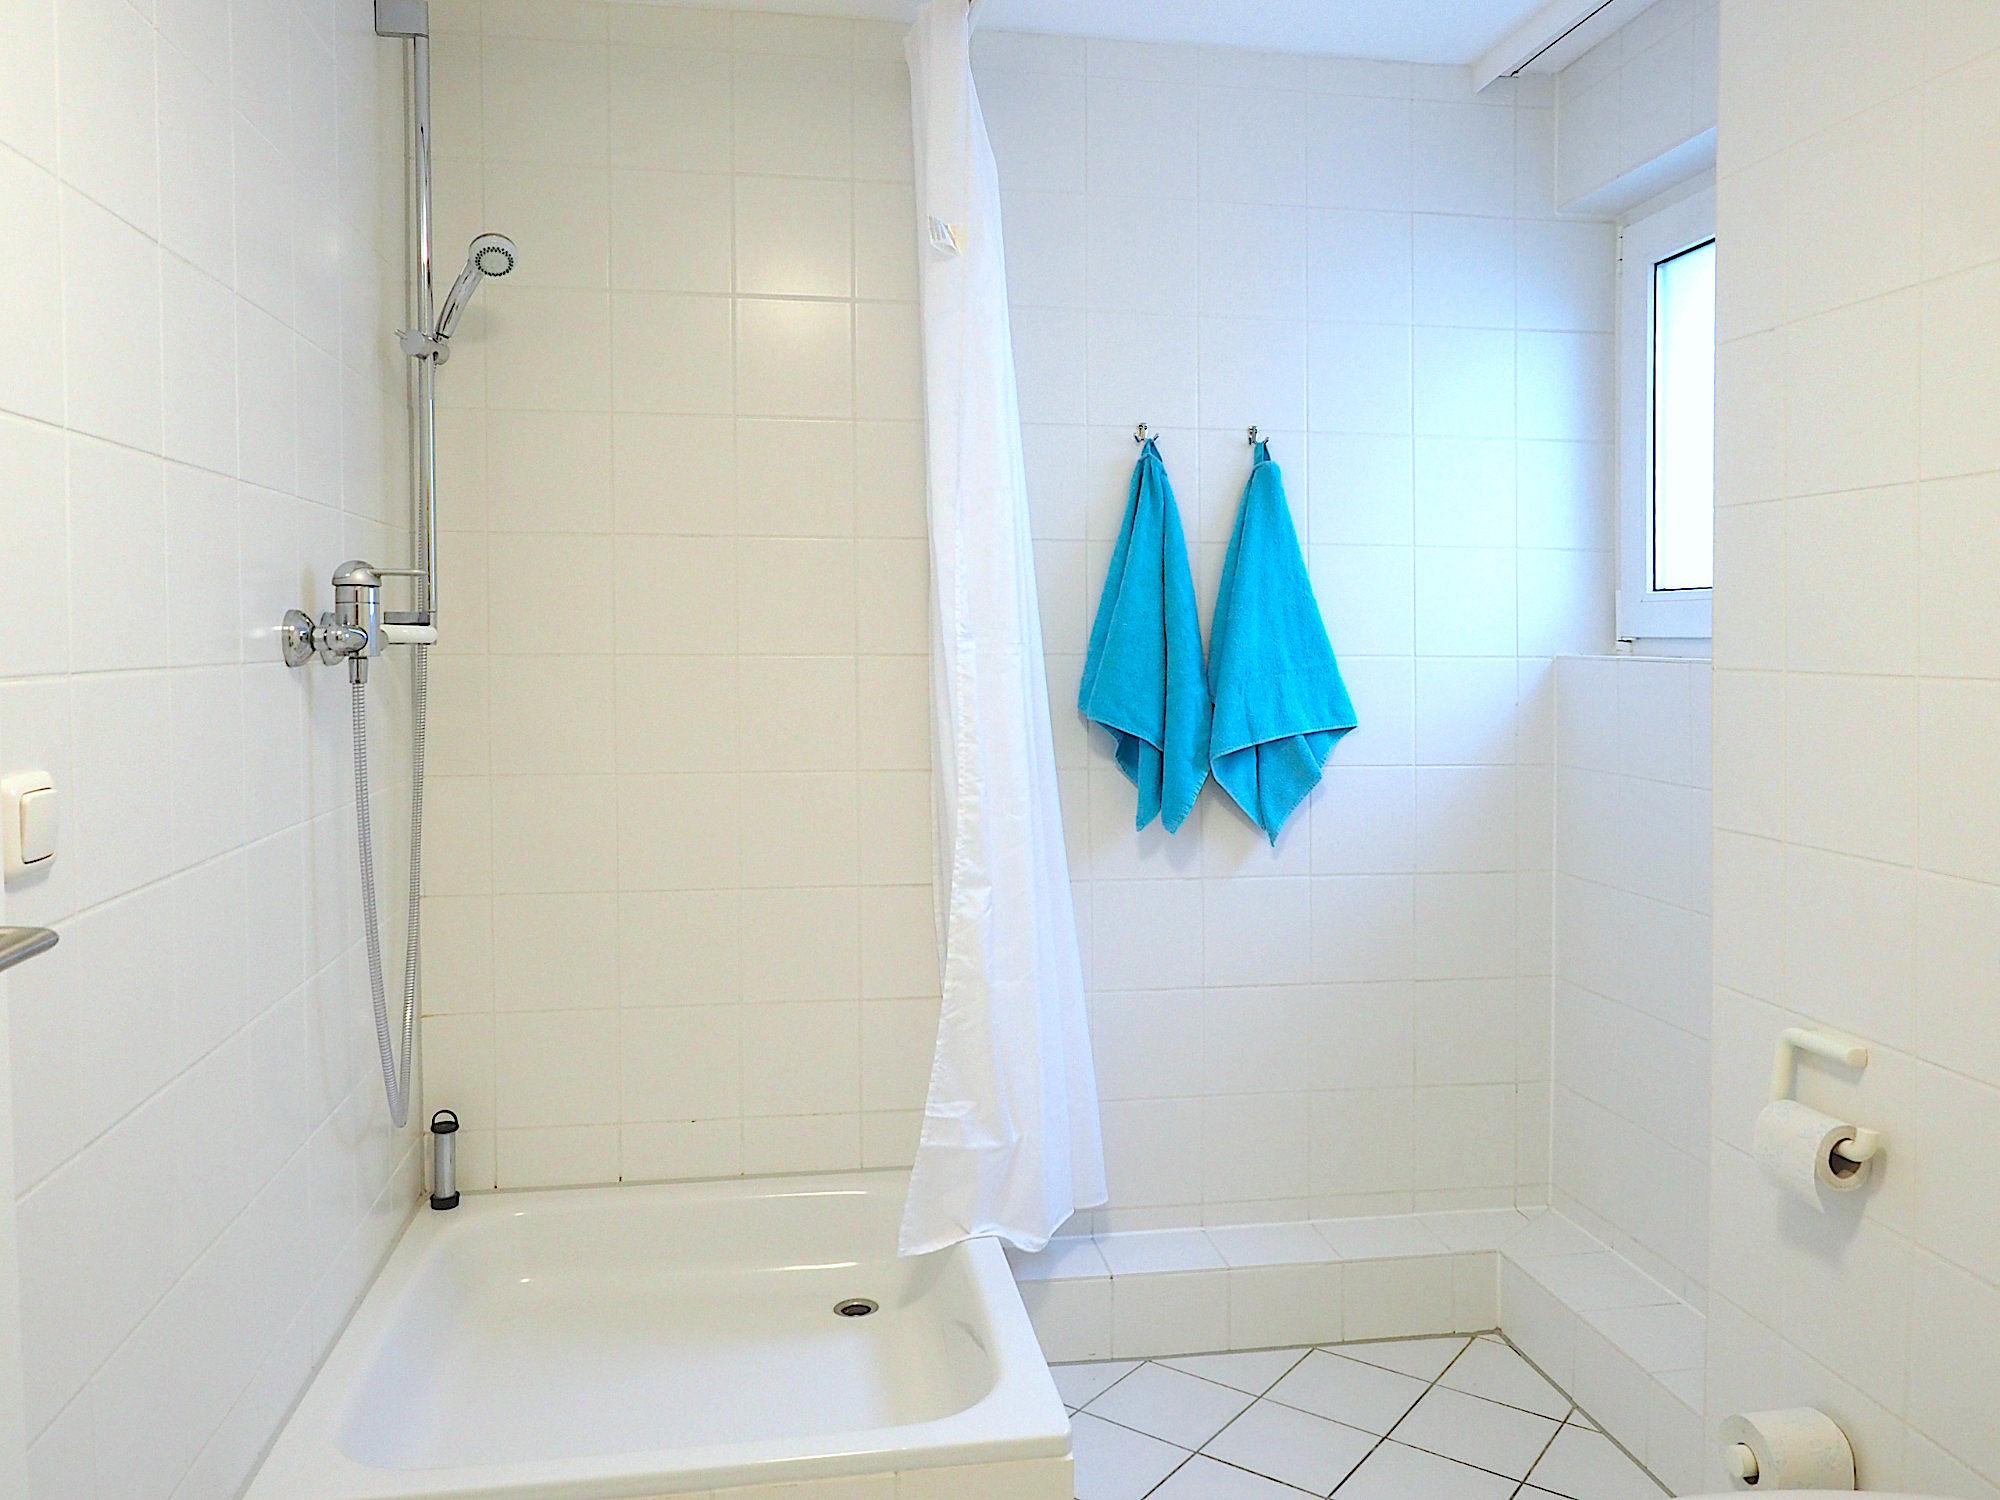 Duschbad mit Dusche, rechts davon ein Fenster